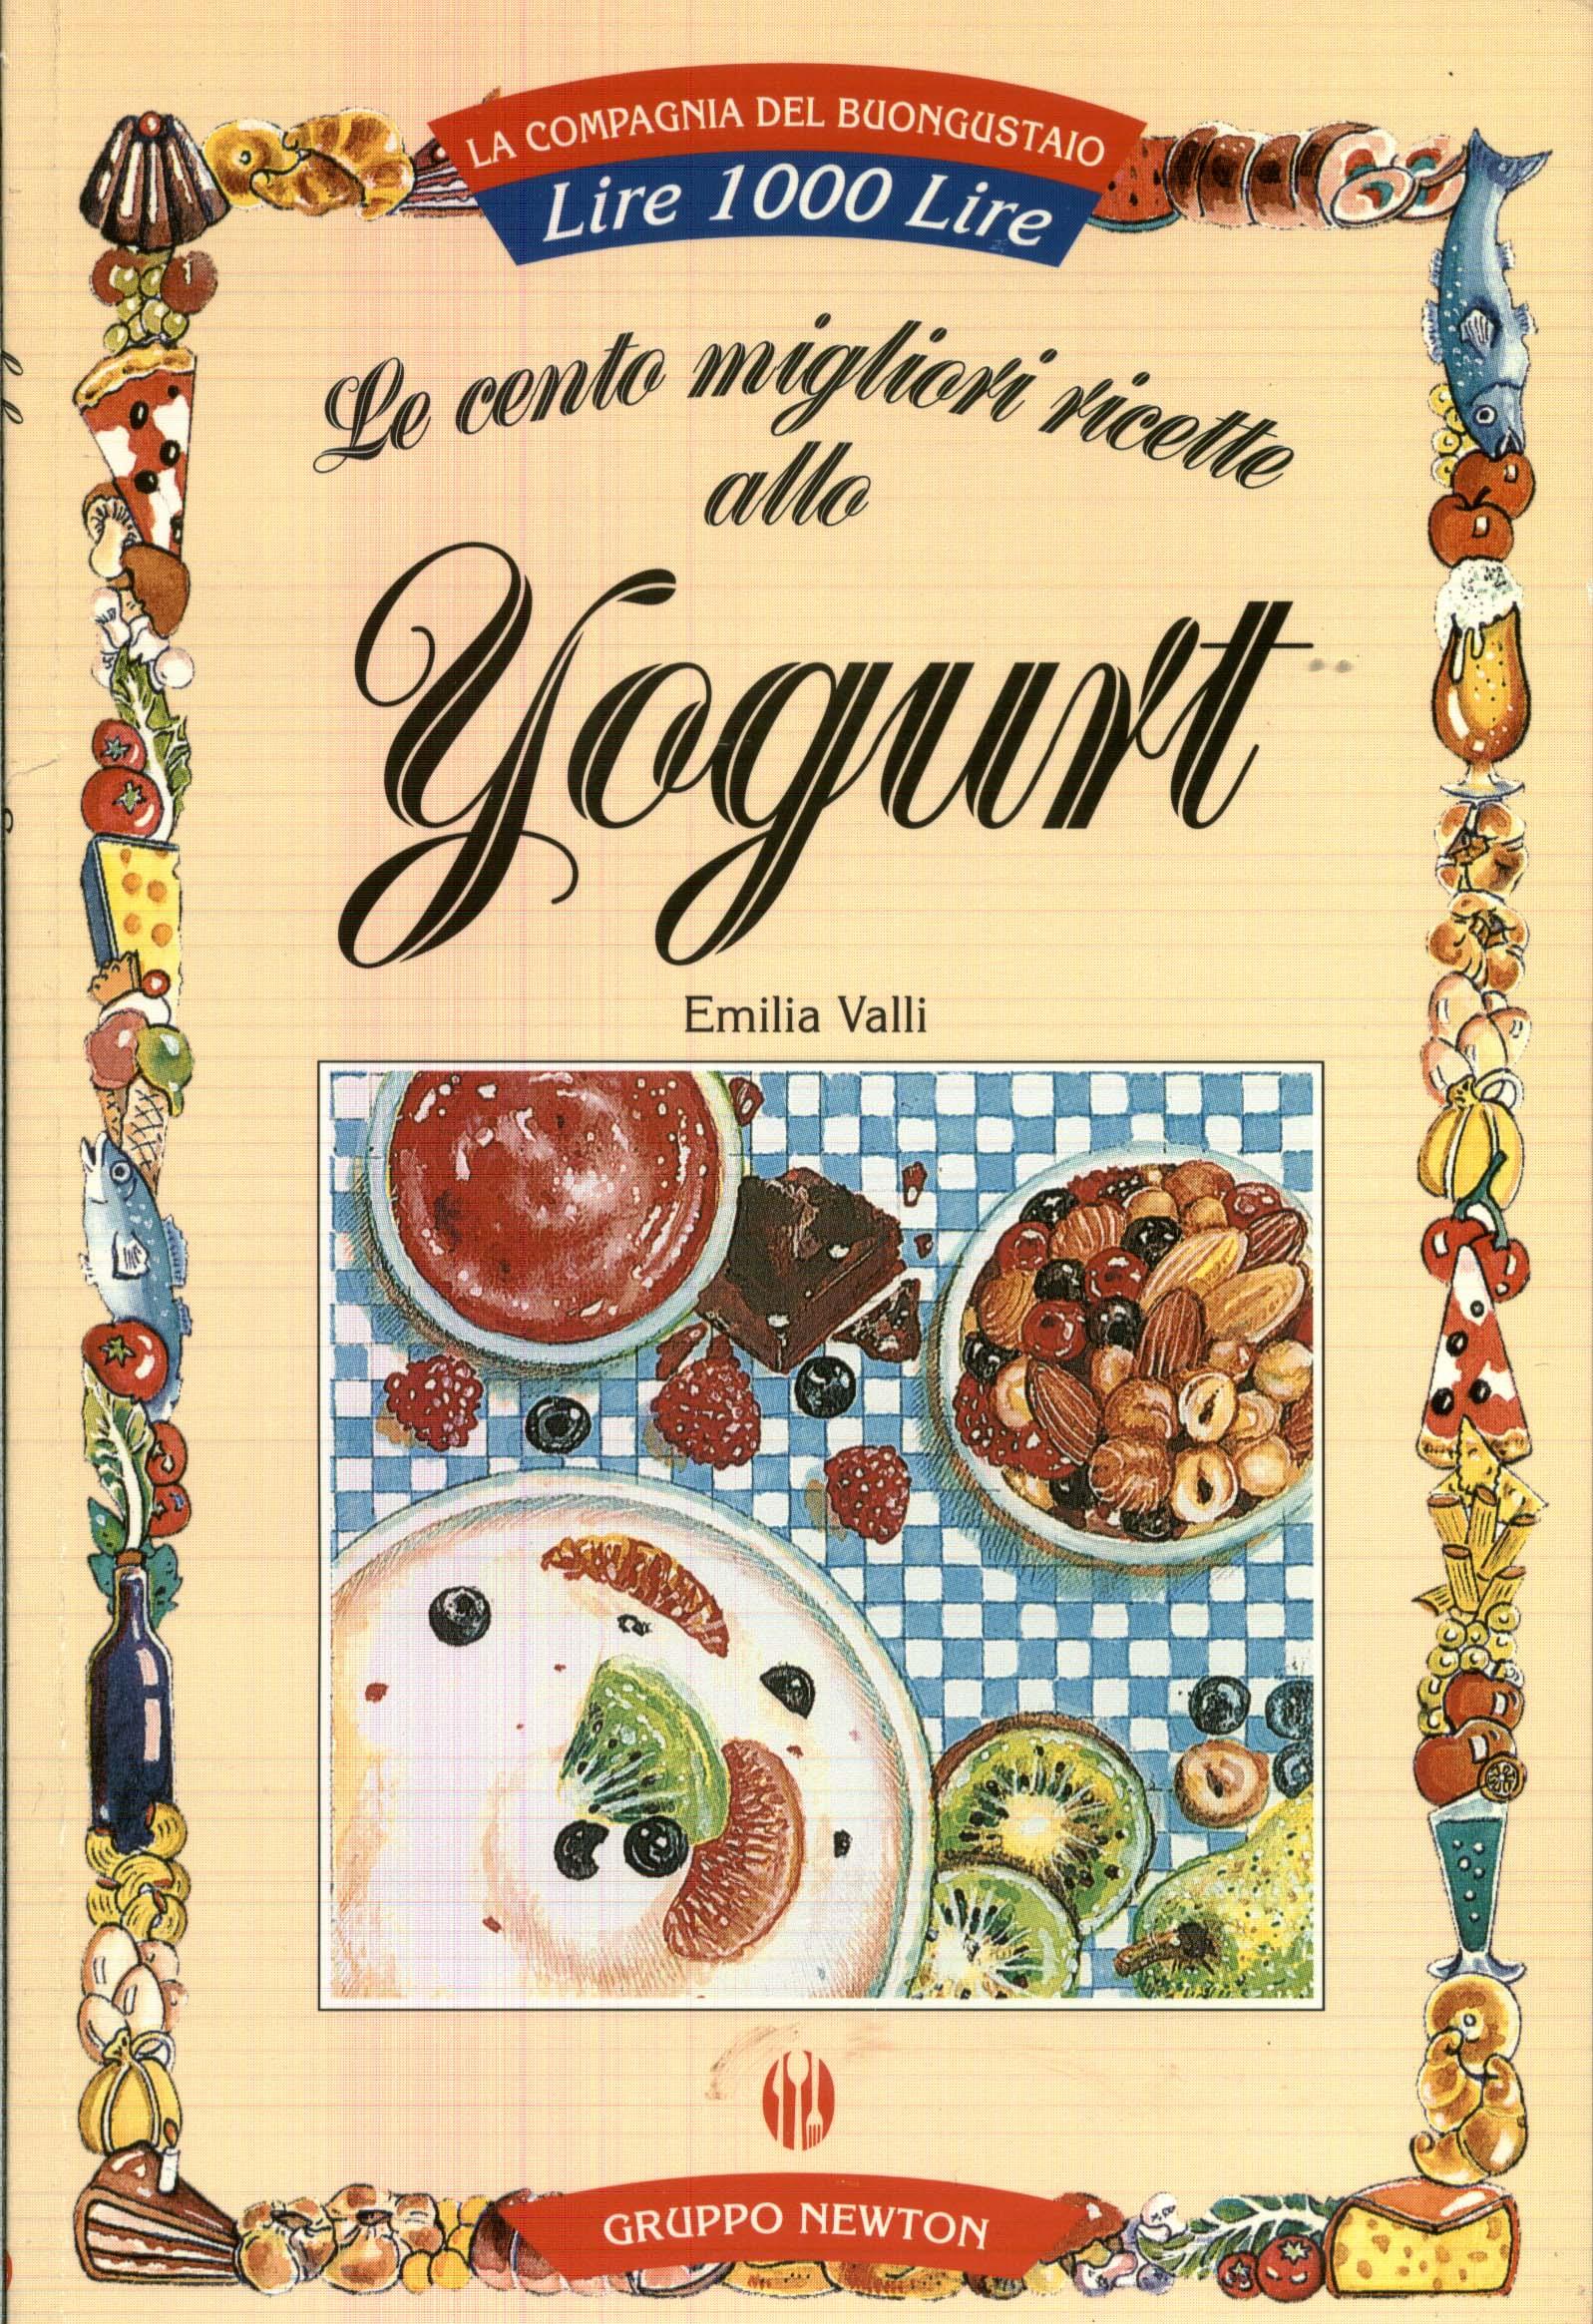 Le cento migliori ricette allo yogurt